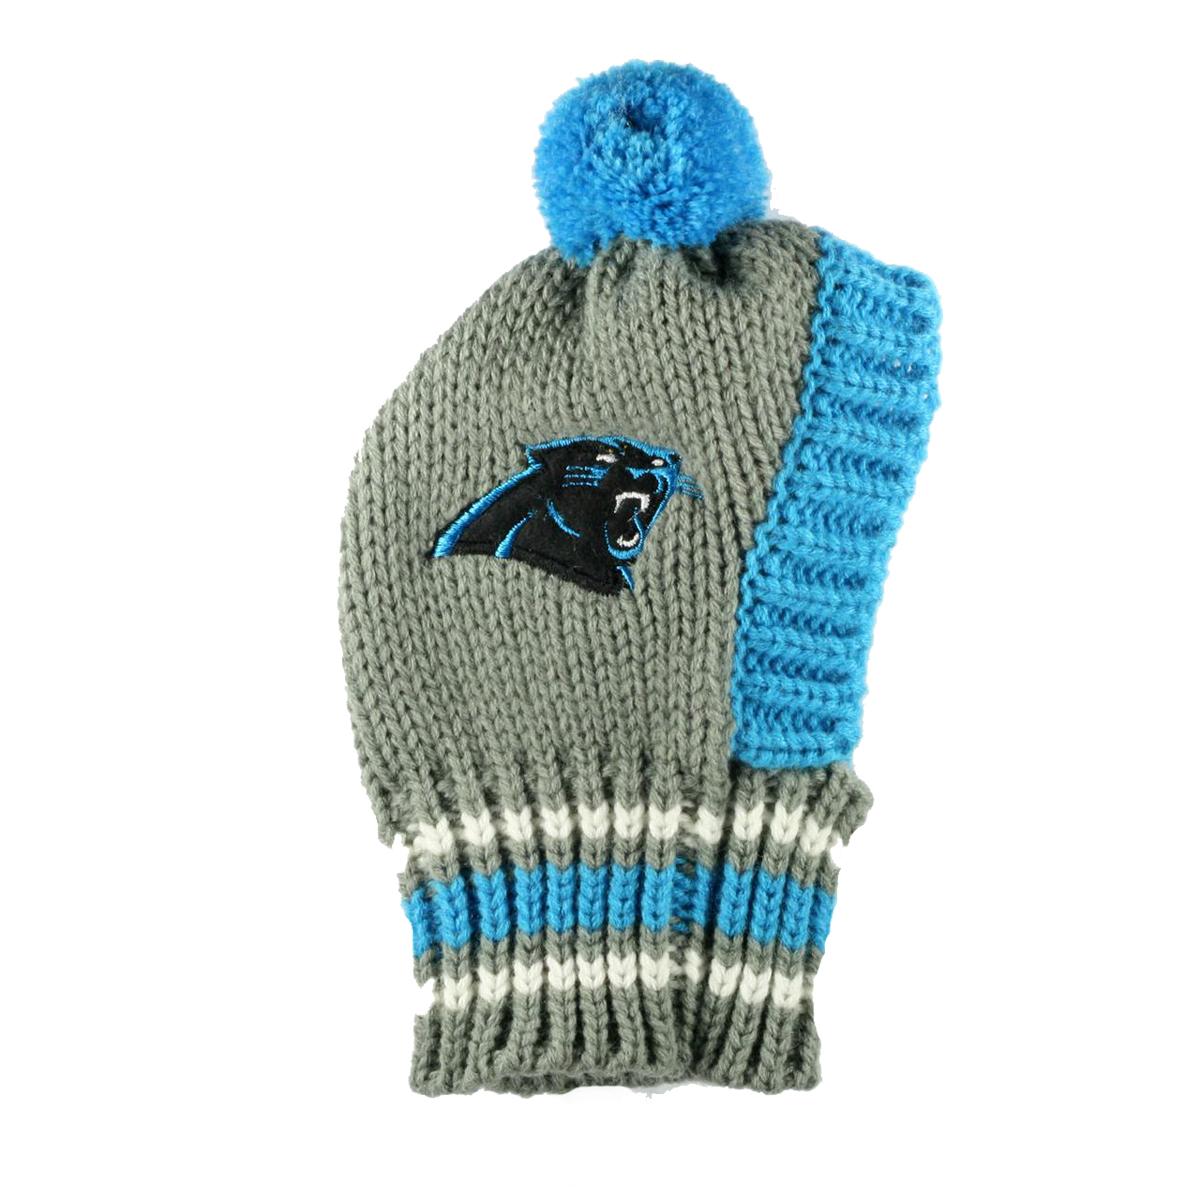 Dog Hat Knitting Pattern : Carolina Panthers Knit Dog Hat BaxterBoo